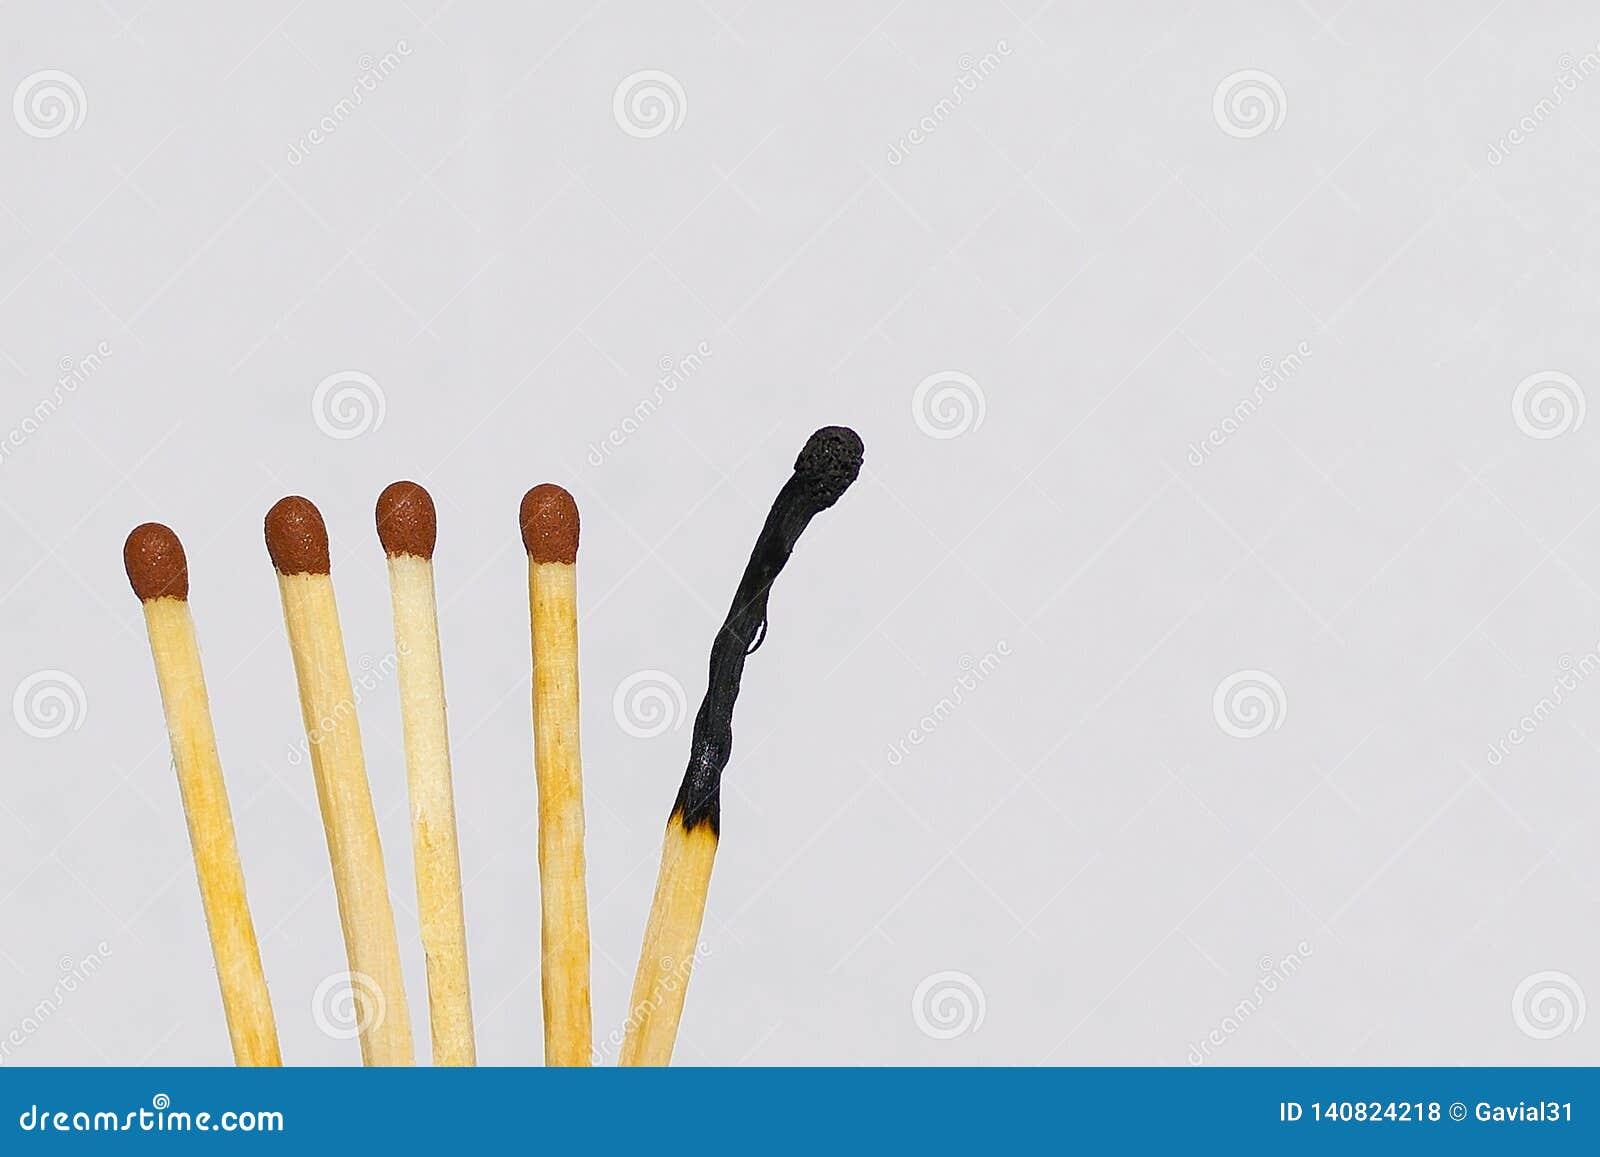 Matchstick μεταξύ εκείνων που δεν καίγονται ολοσχερώς